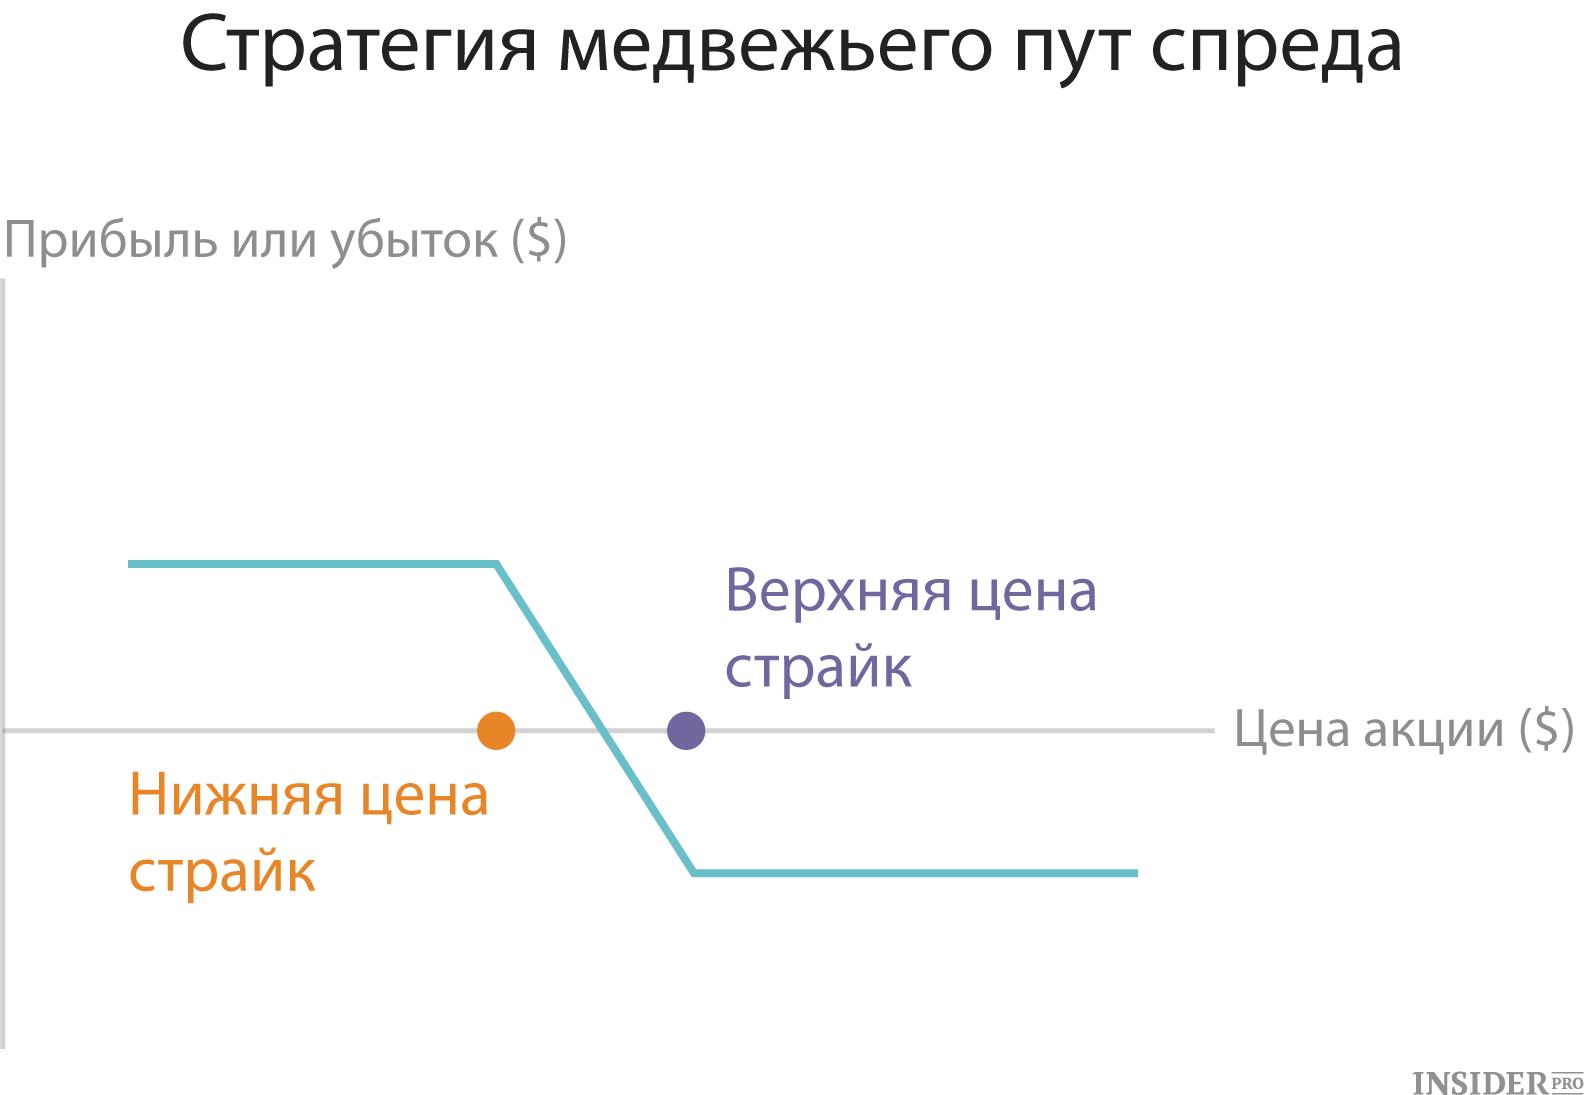 stratēģijas, izmantojot opcijas)